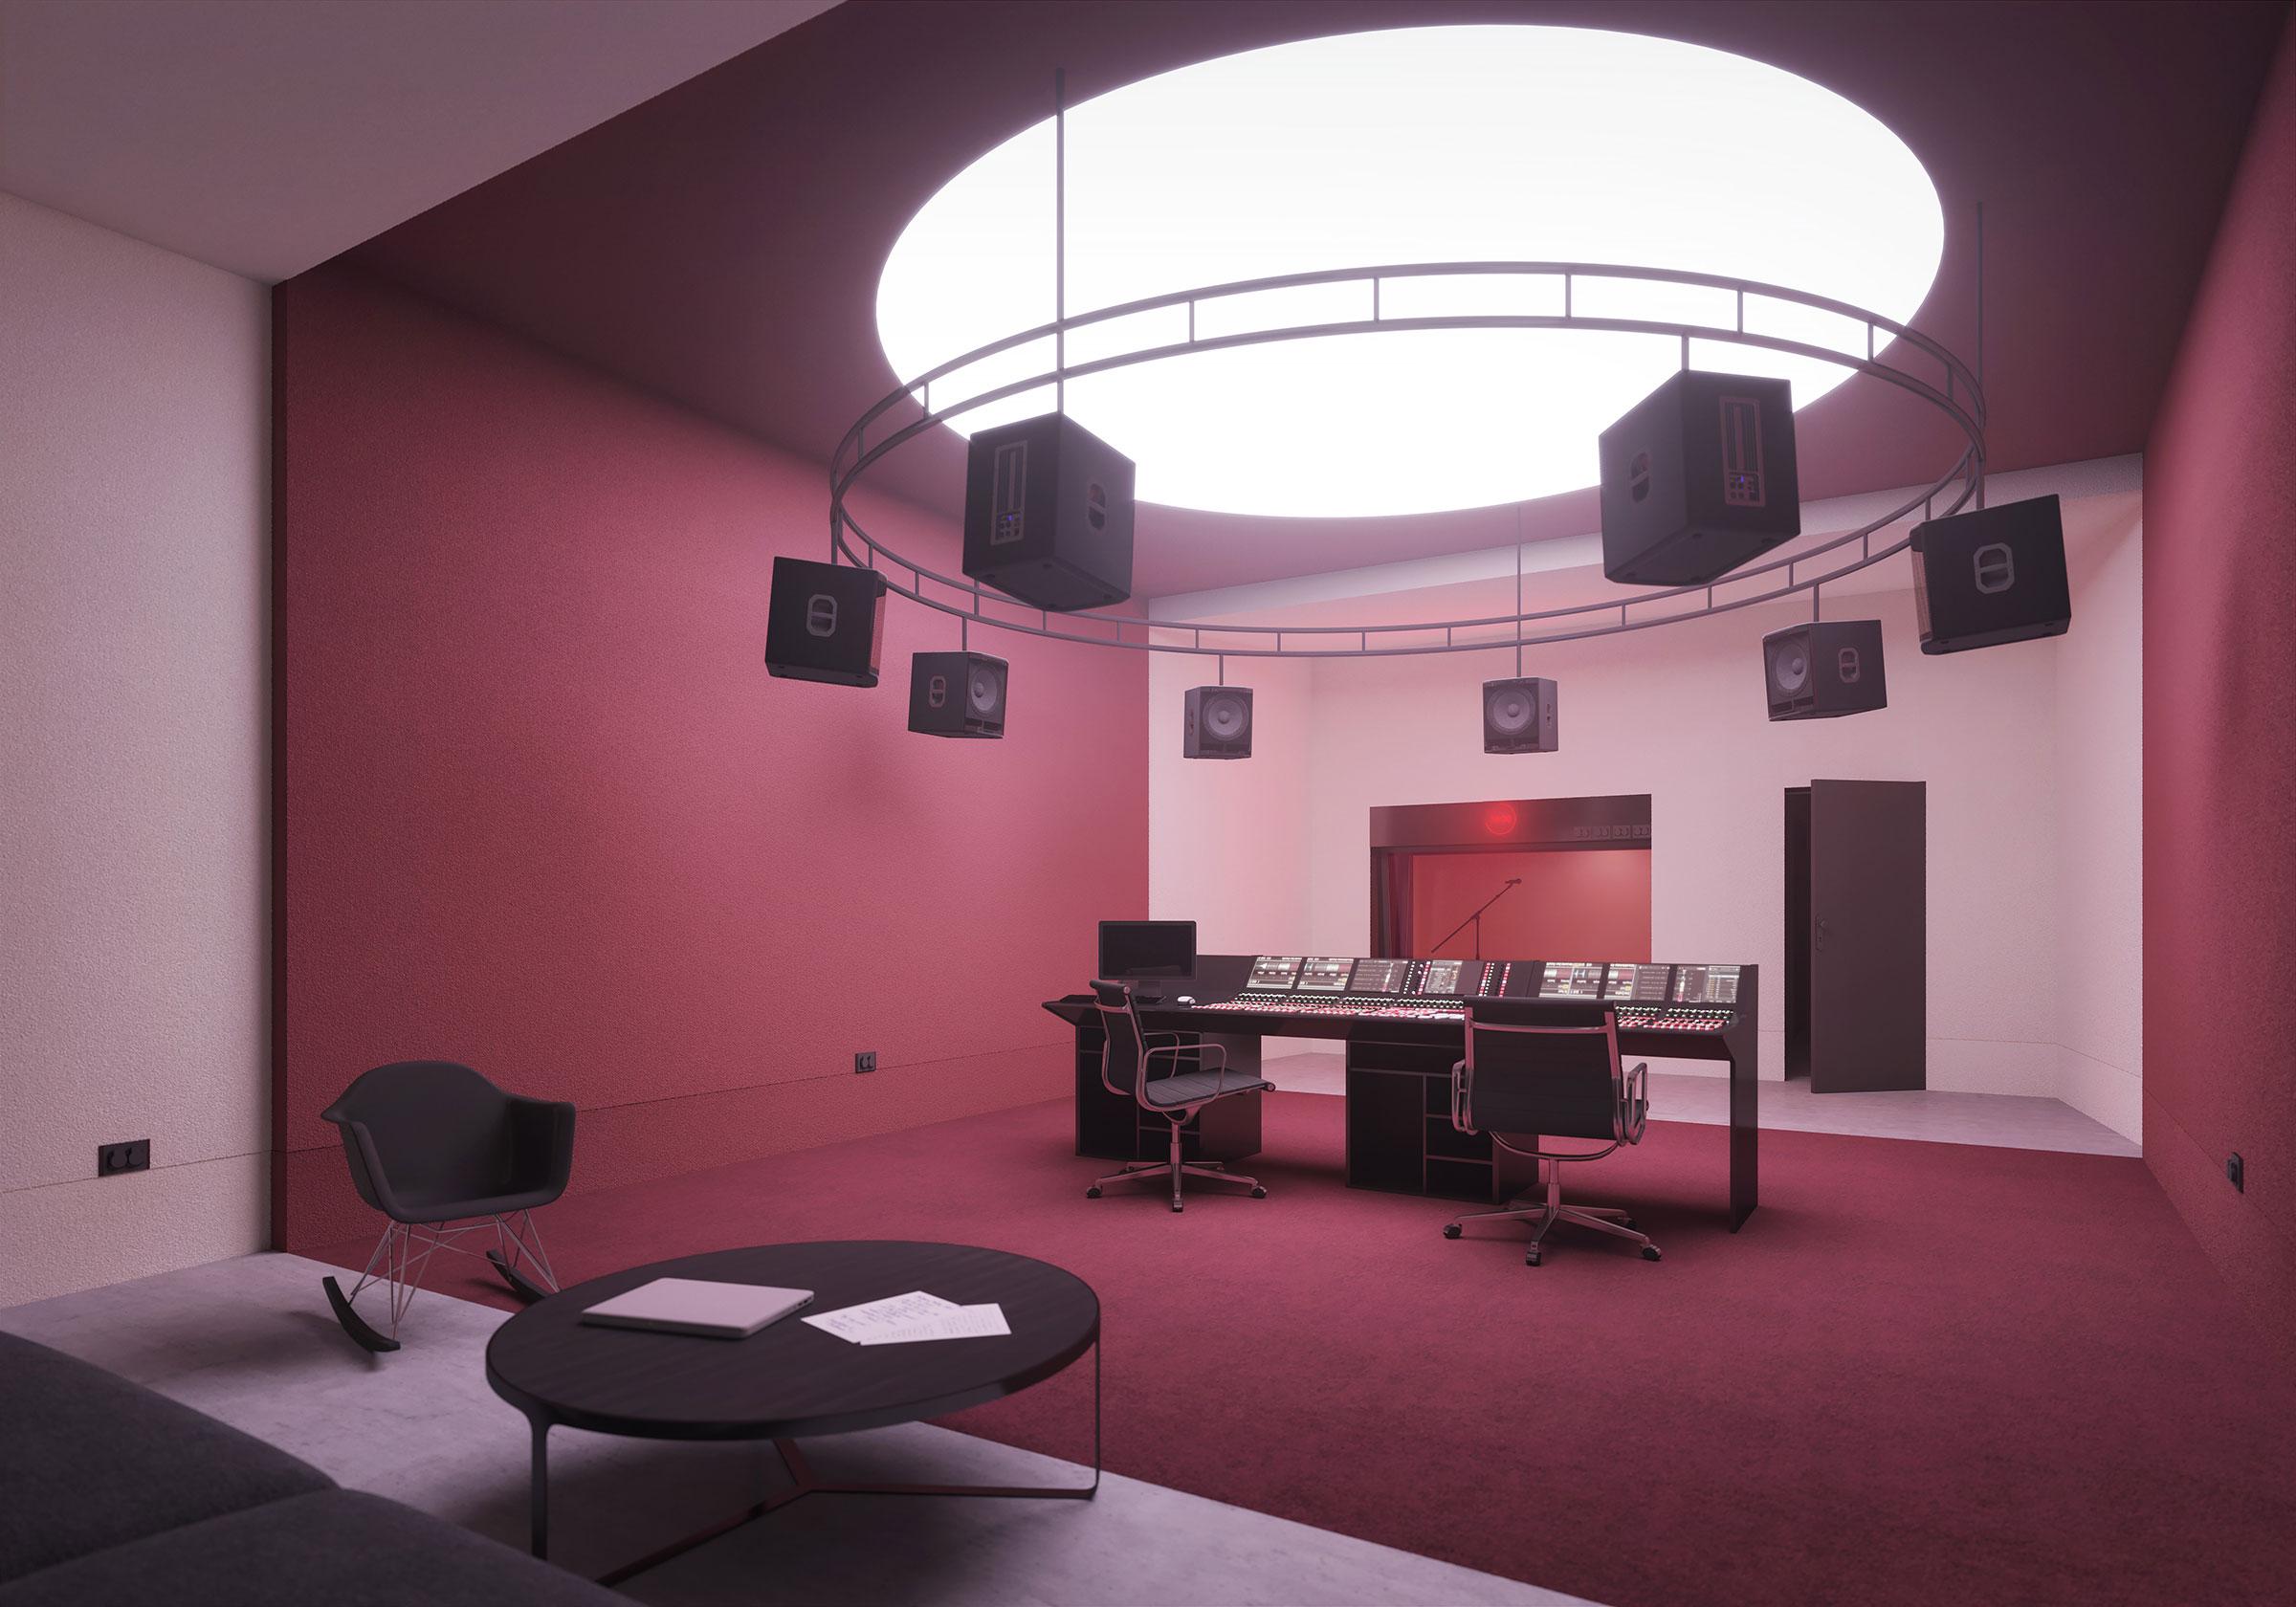 Perspective du studio 120 réalisée par LEMON SARL sur la base de l'avant-projet.<br />Le studio 120 deviendra une cabine de prise de son analogique.<br />Ces trois studios s'inscrivent dans le projet « Studio Radio France », dont l'objectif est de rendre visibles les Studios de Création pour accroître la notoriété de Radio France.<br />© BUZZO SPINELLI ARCHITECTURE / WSP / RADIO FRANCE